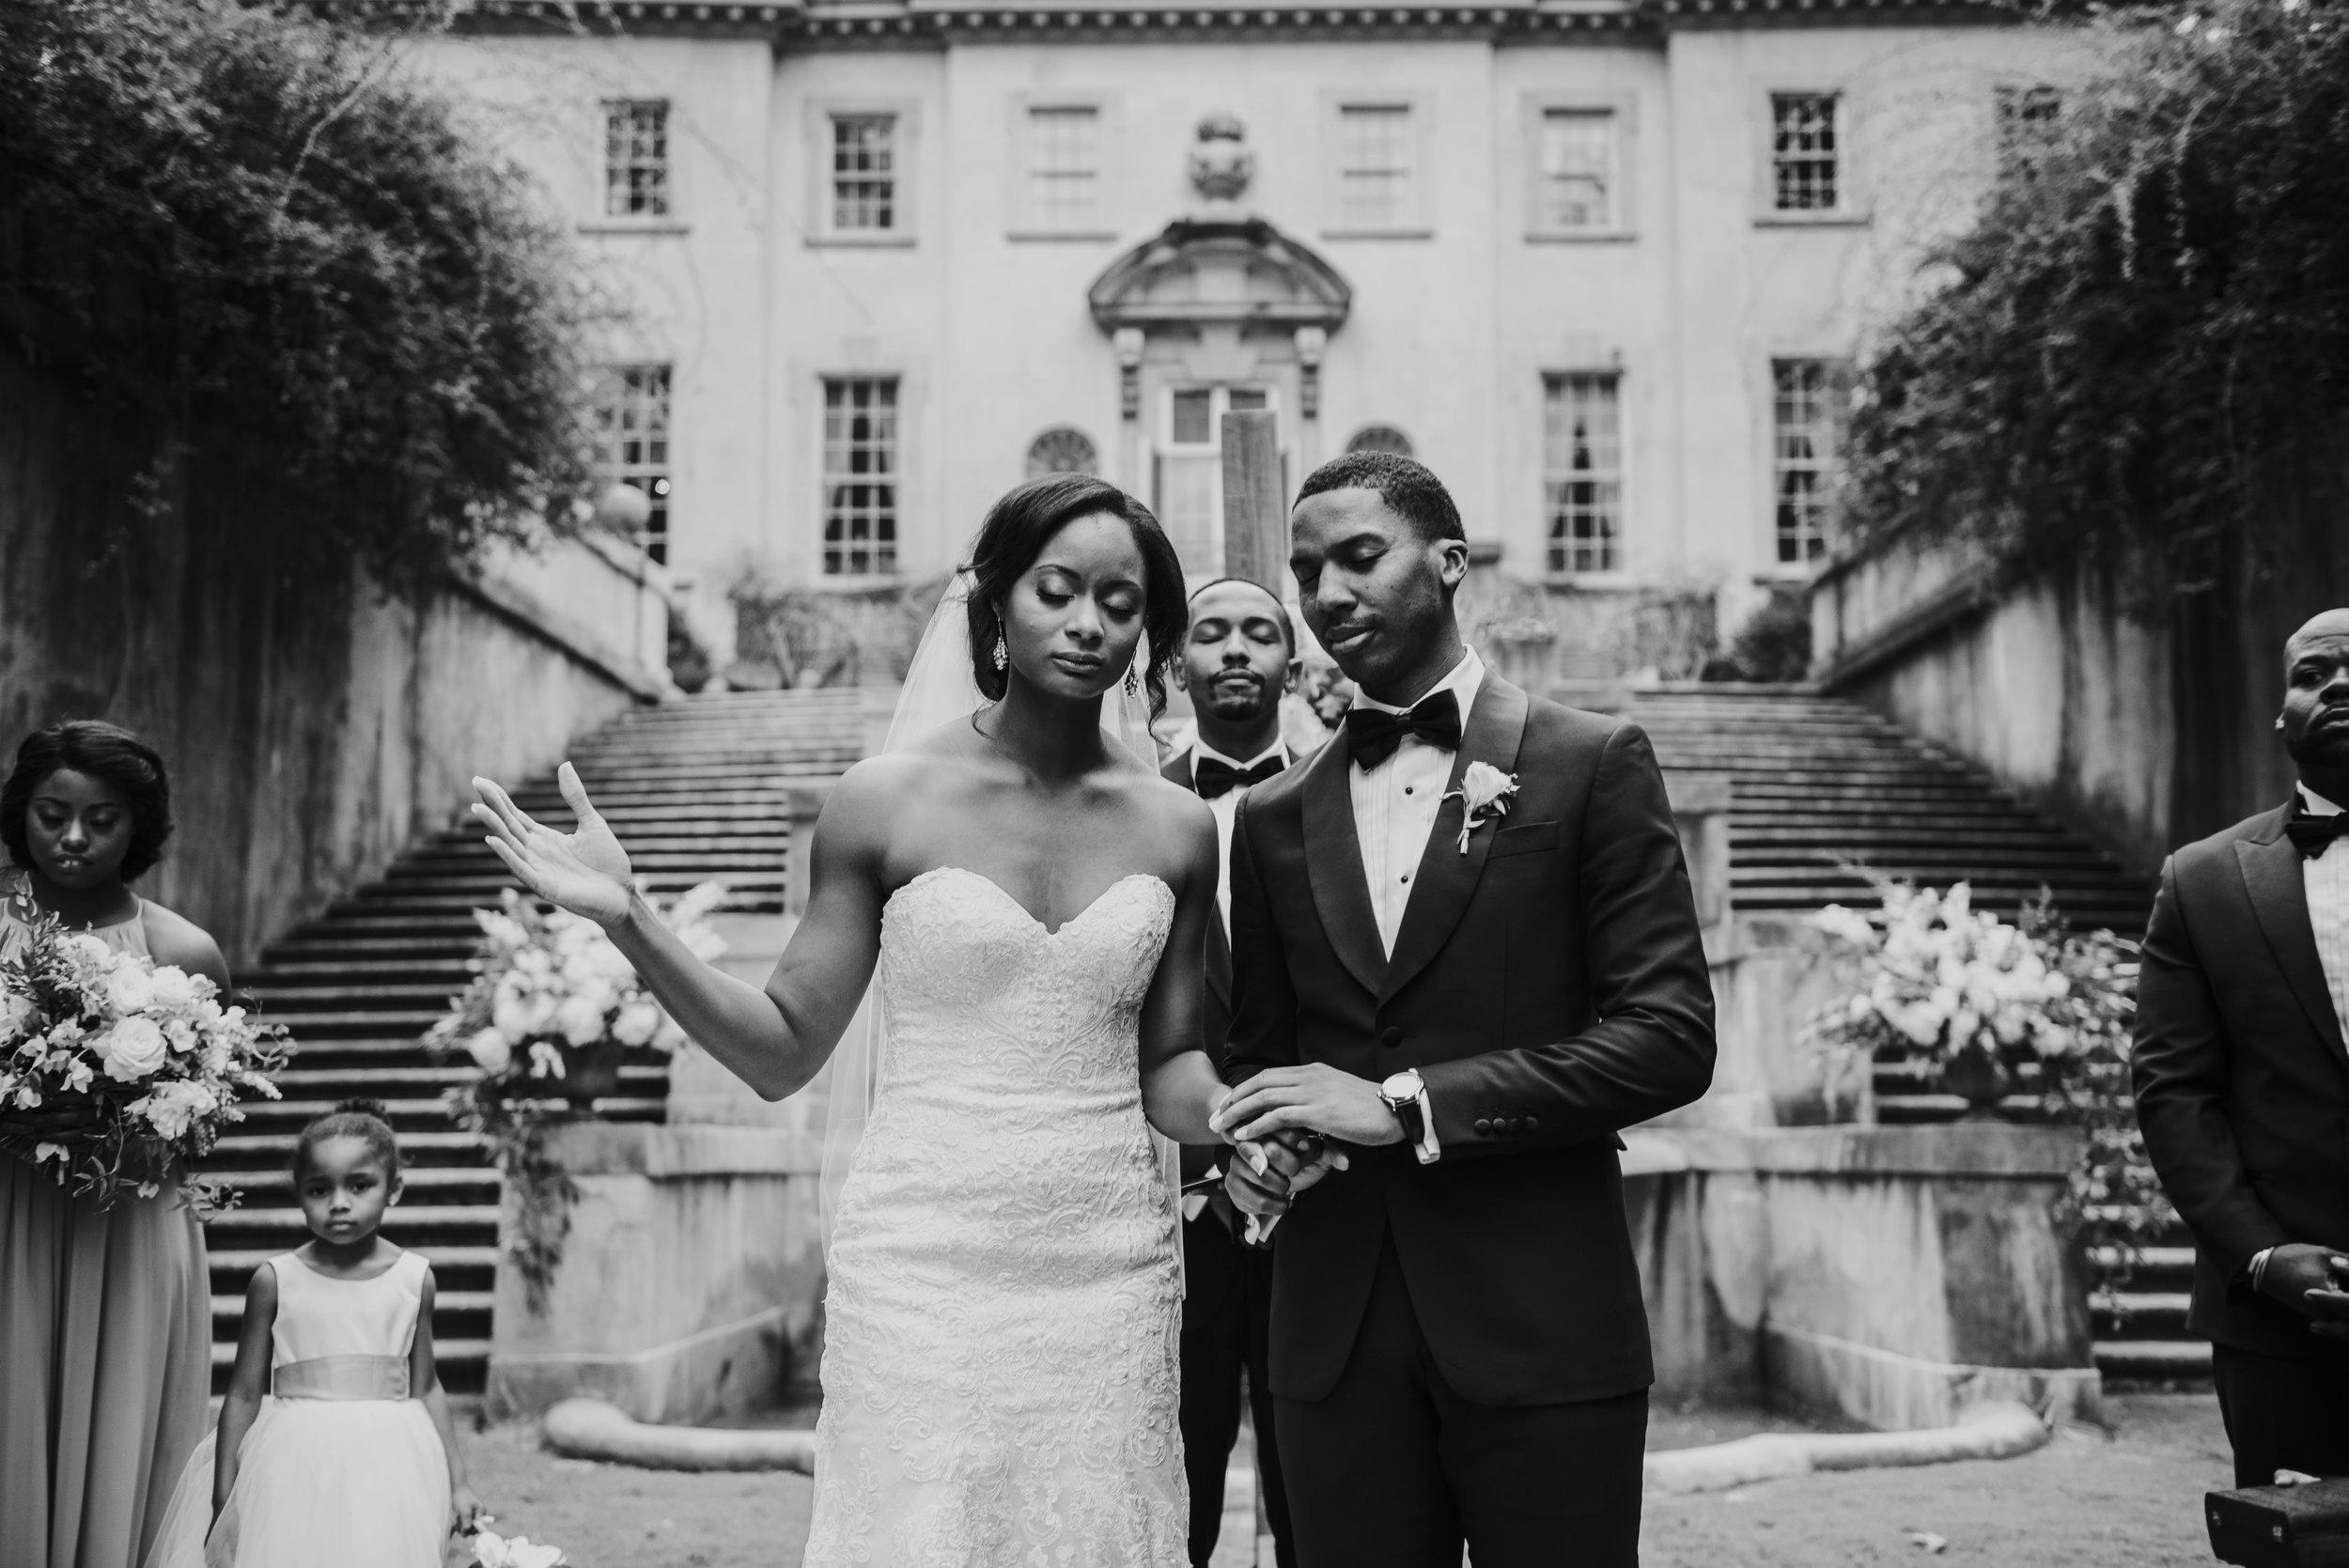 Bride and groom pray at Swan House wedding ceremony in Atlanta, GA